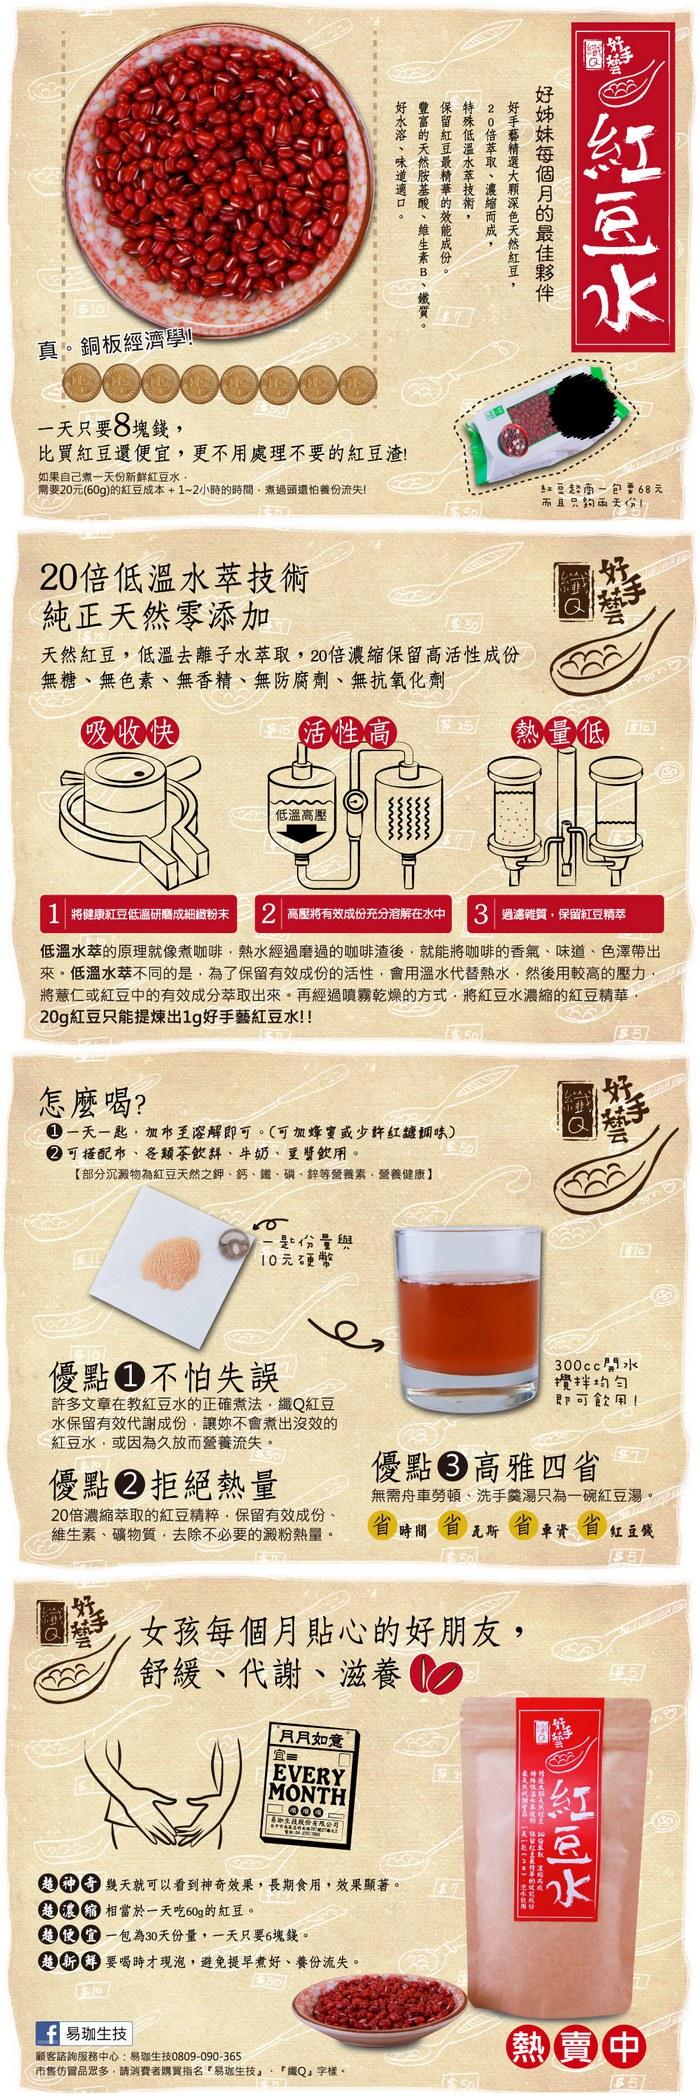 纖Q 好手藝 - 纖Q紅豆水  - 30入